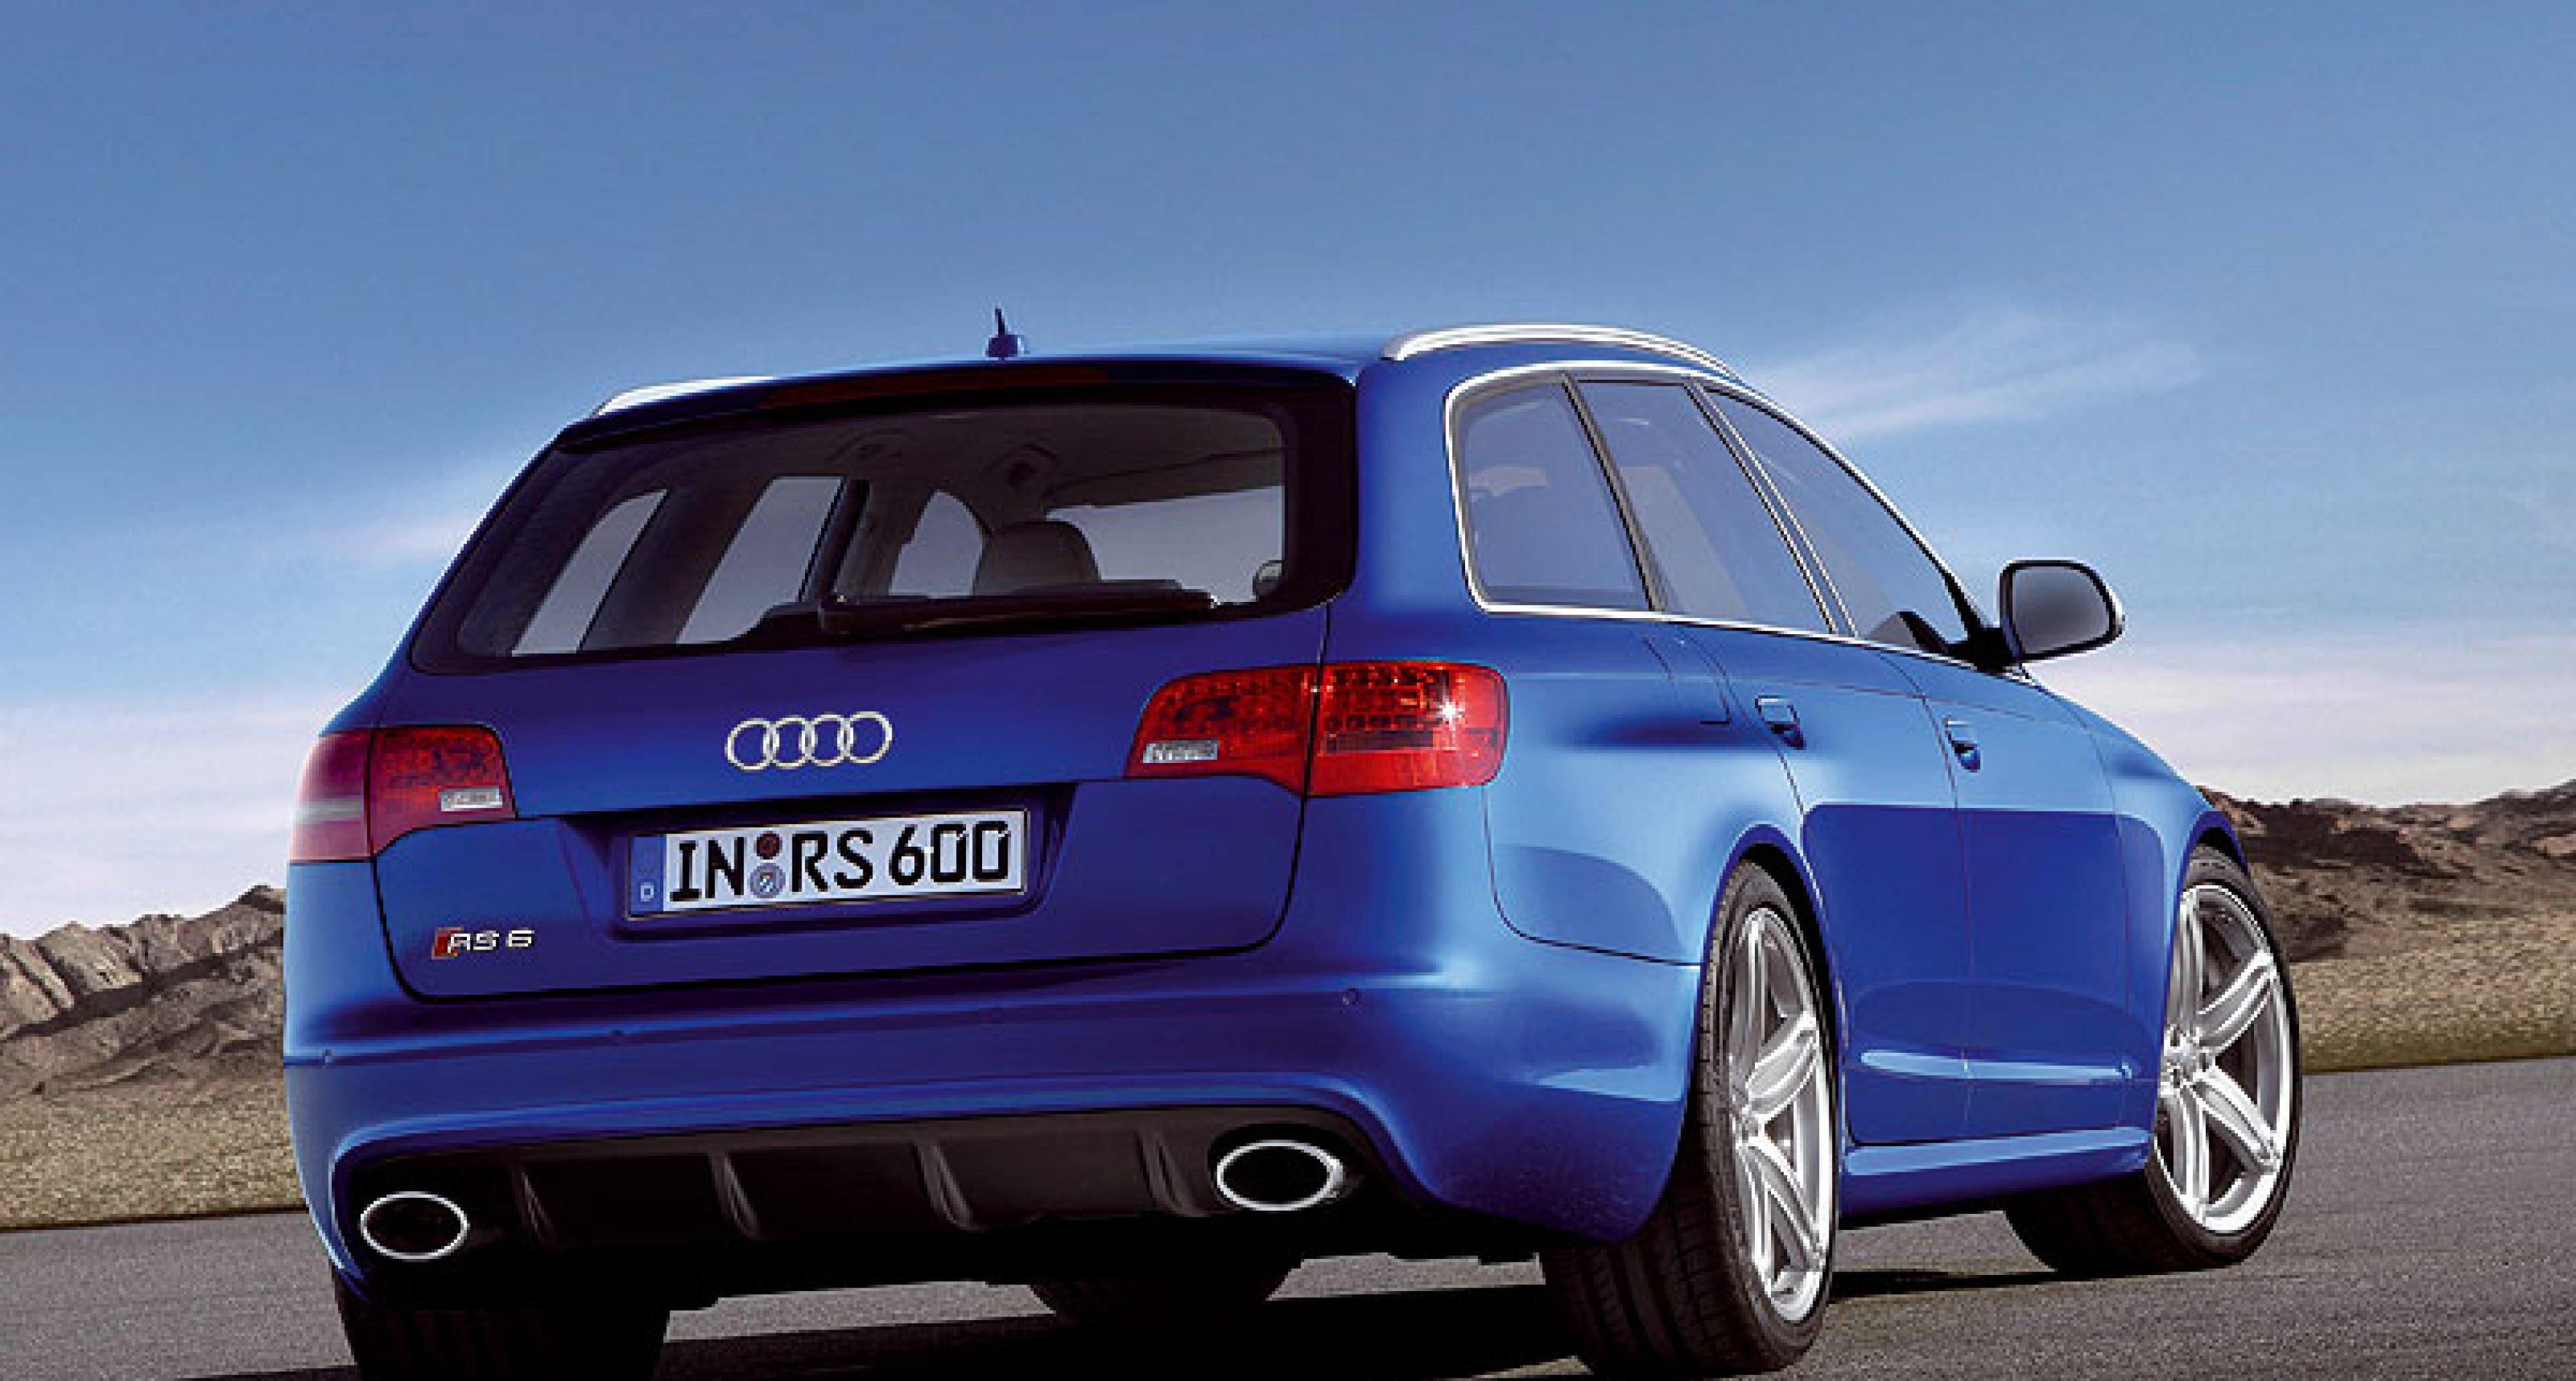 New Audi RS 6 Avant